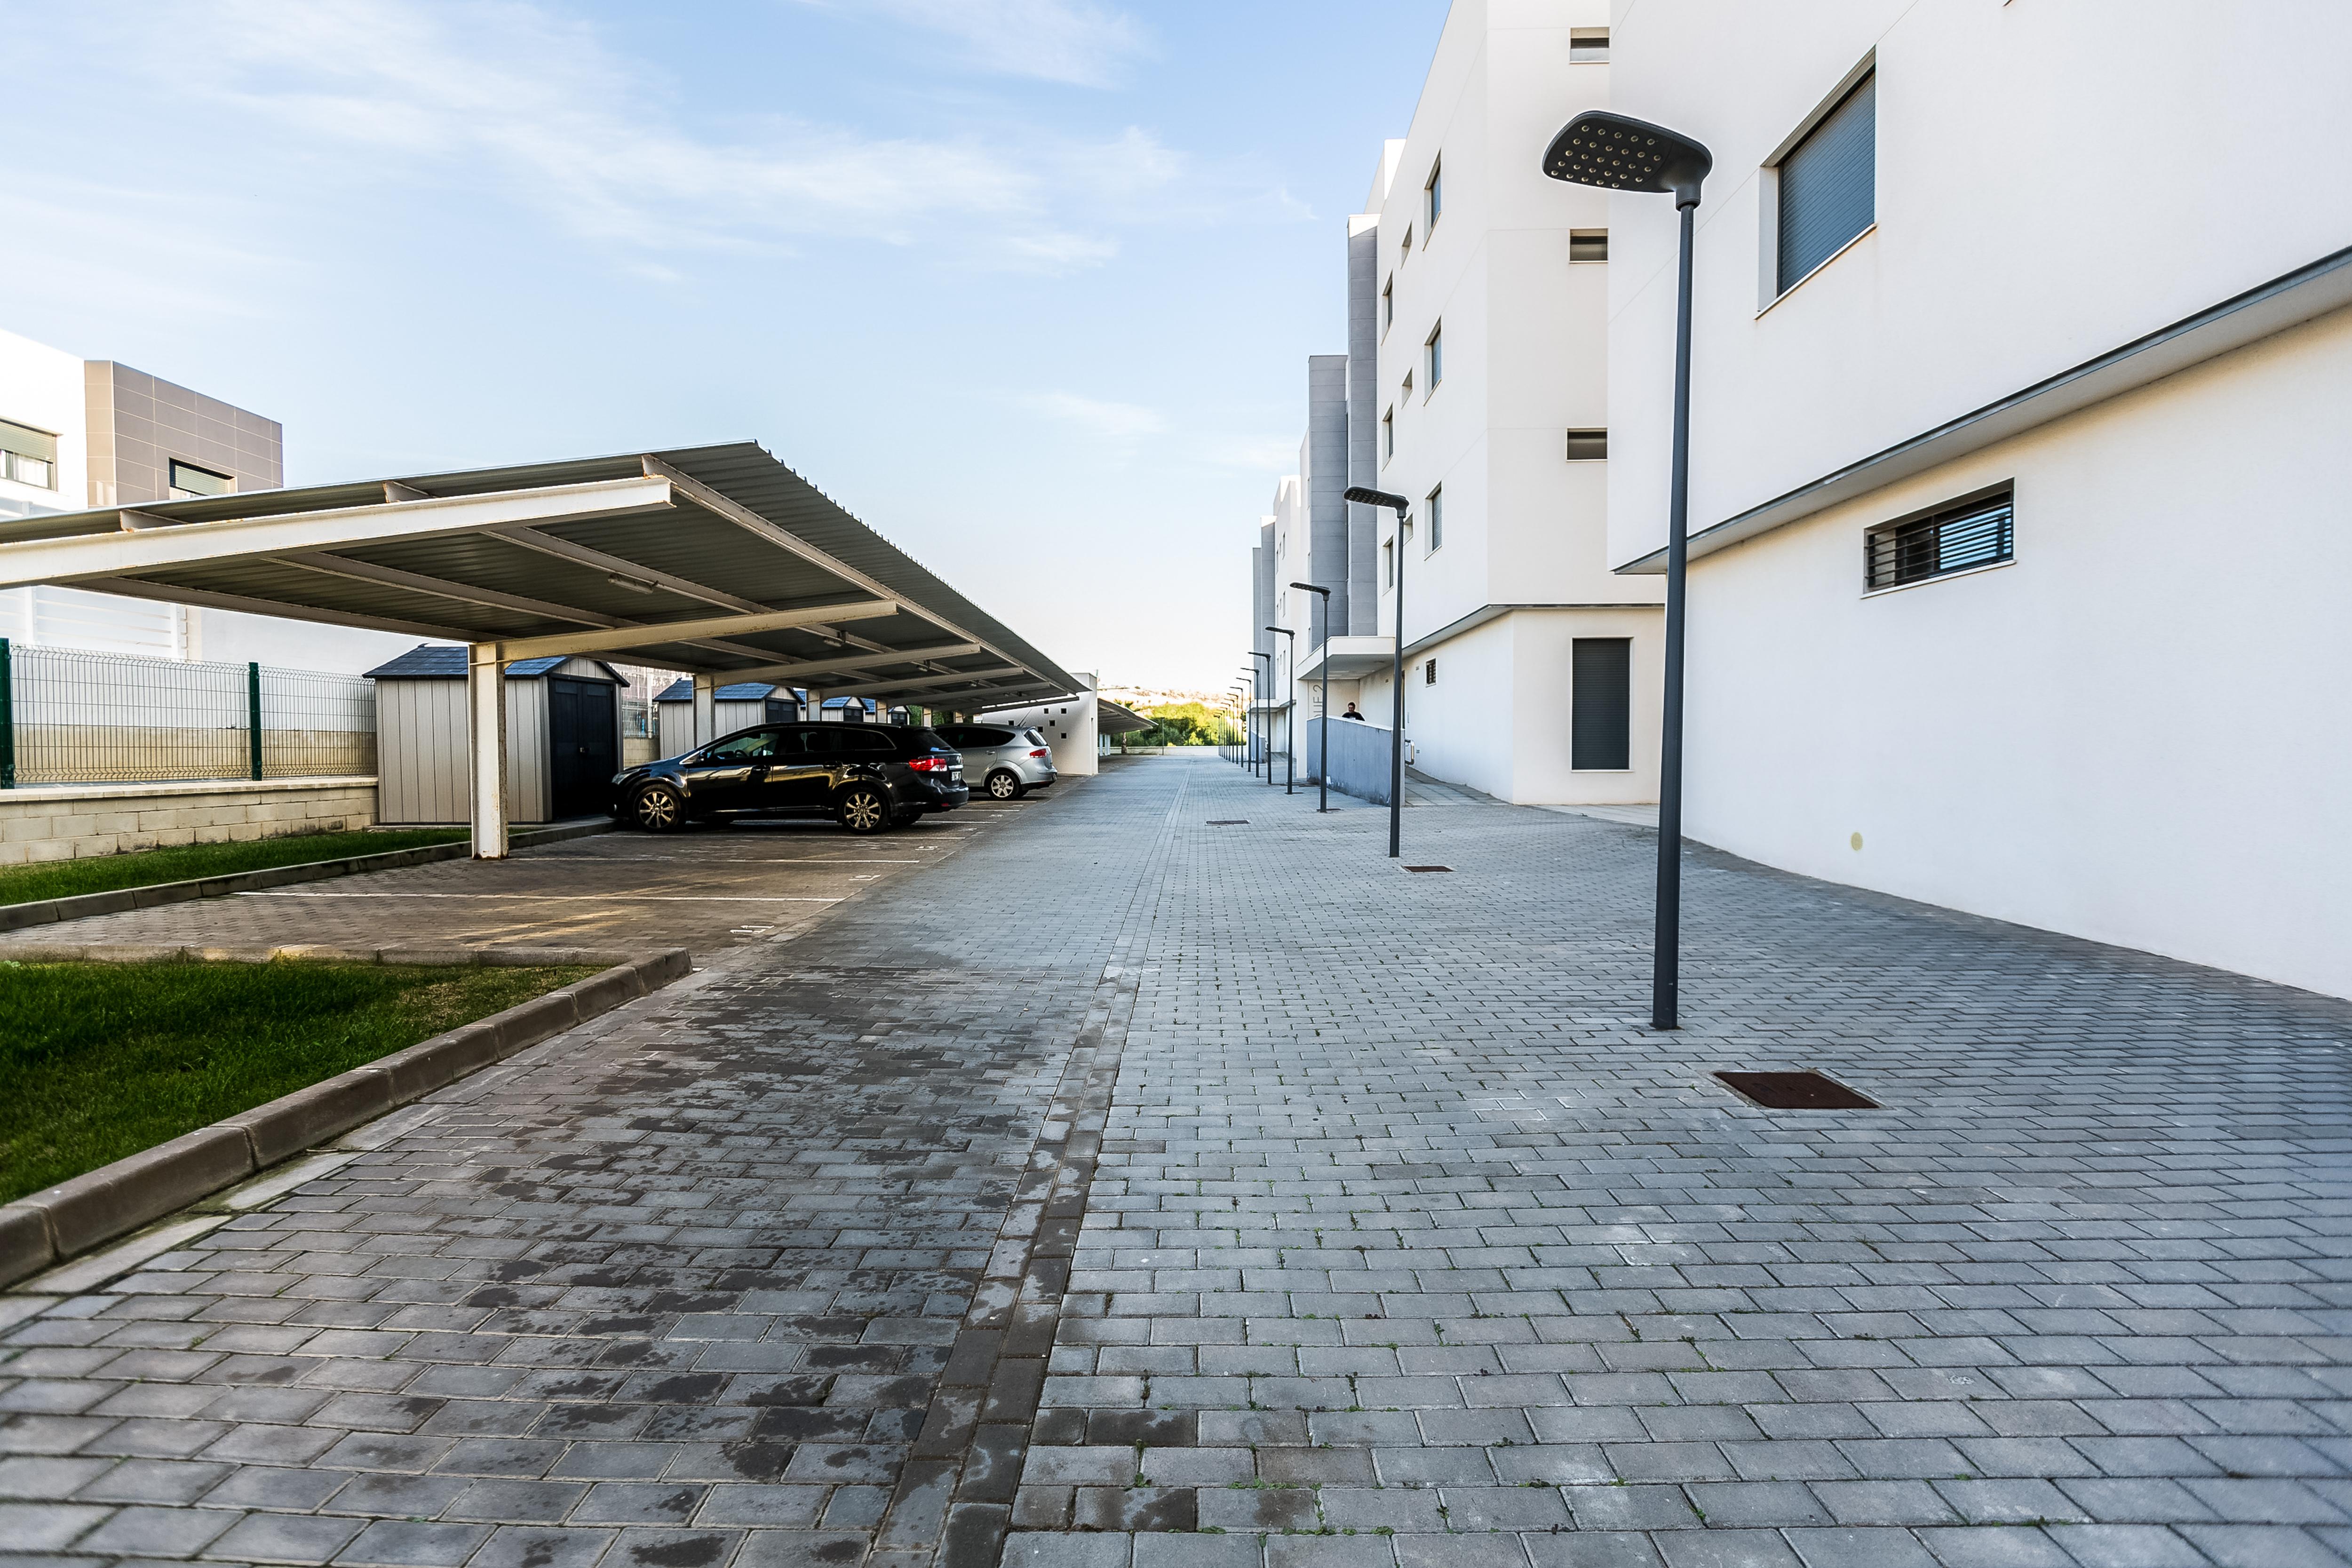 Piso en venta en Piso en El Ejido, Almería, 146.000 €, 2 habitaciones, 2 baños, 89 m2, Garaje